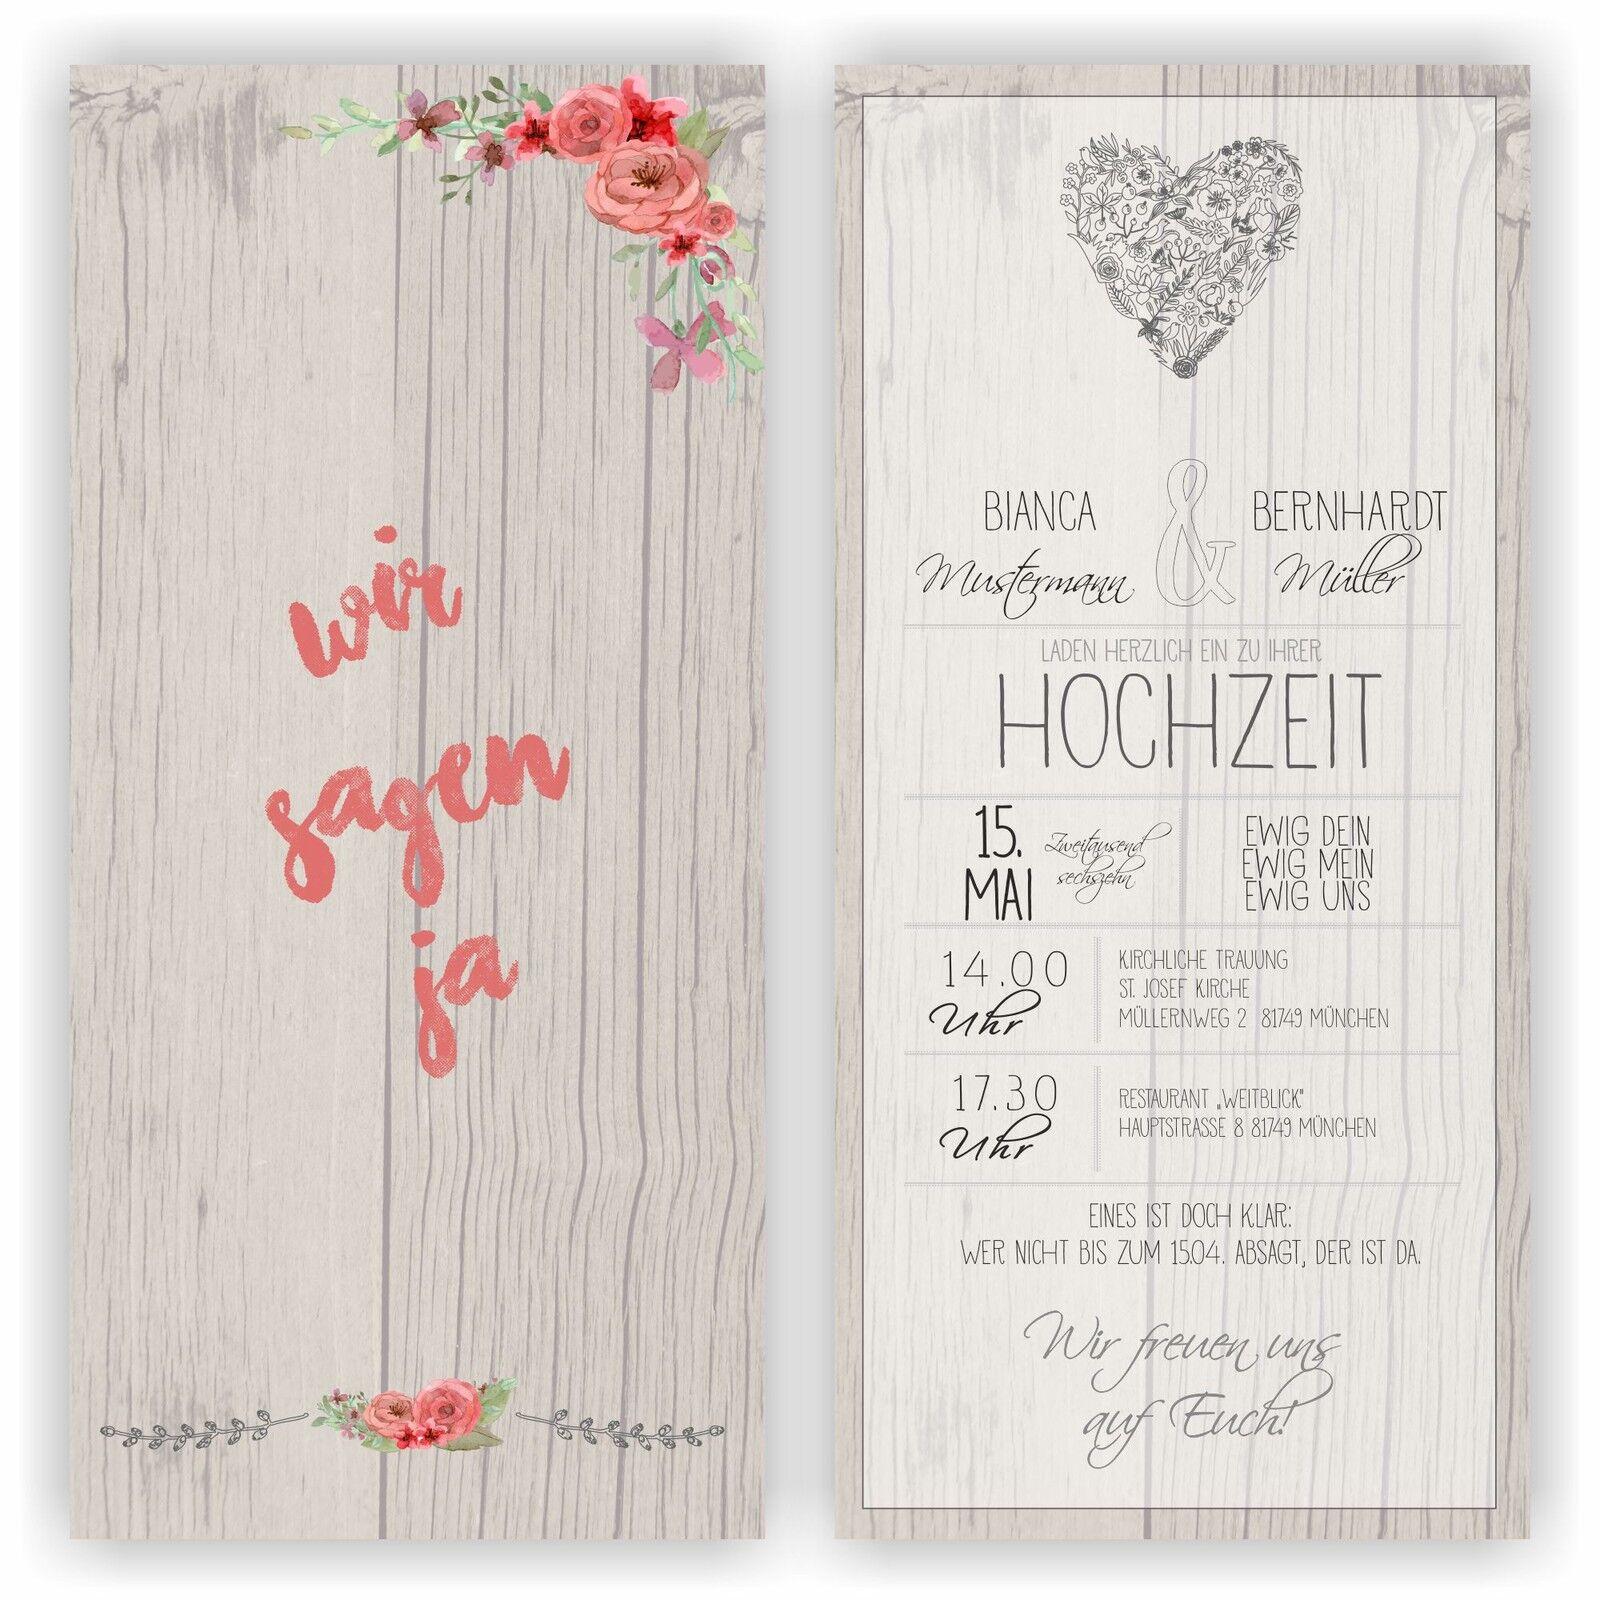 Einladung zur Hochzeit Einladungskarte Hochzeitseinladung Wedding HO21